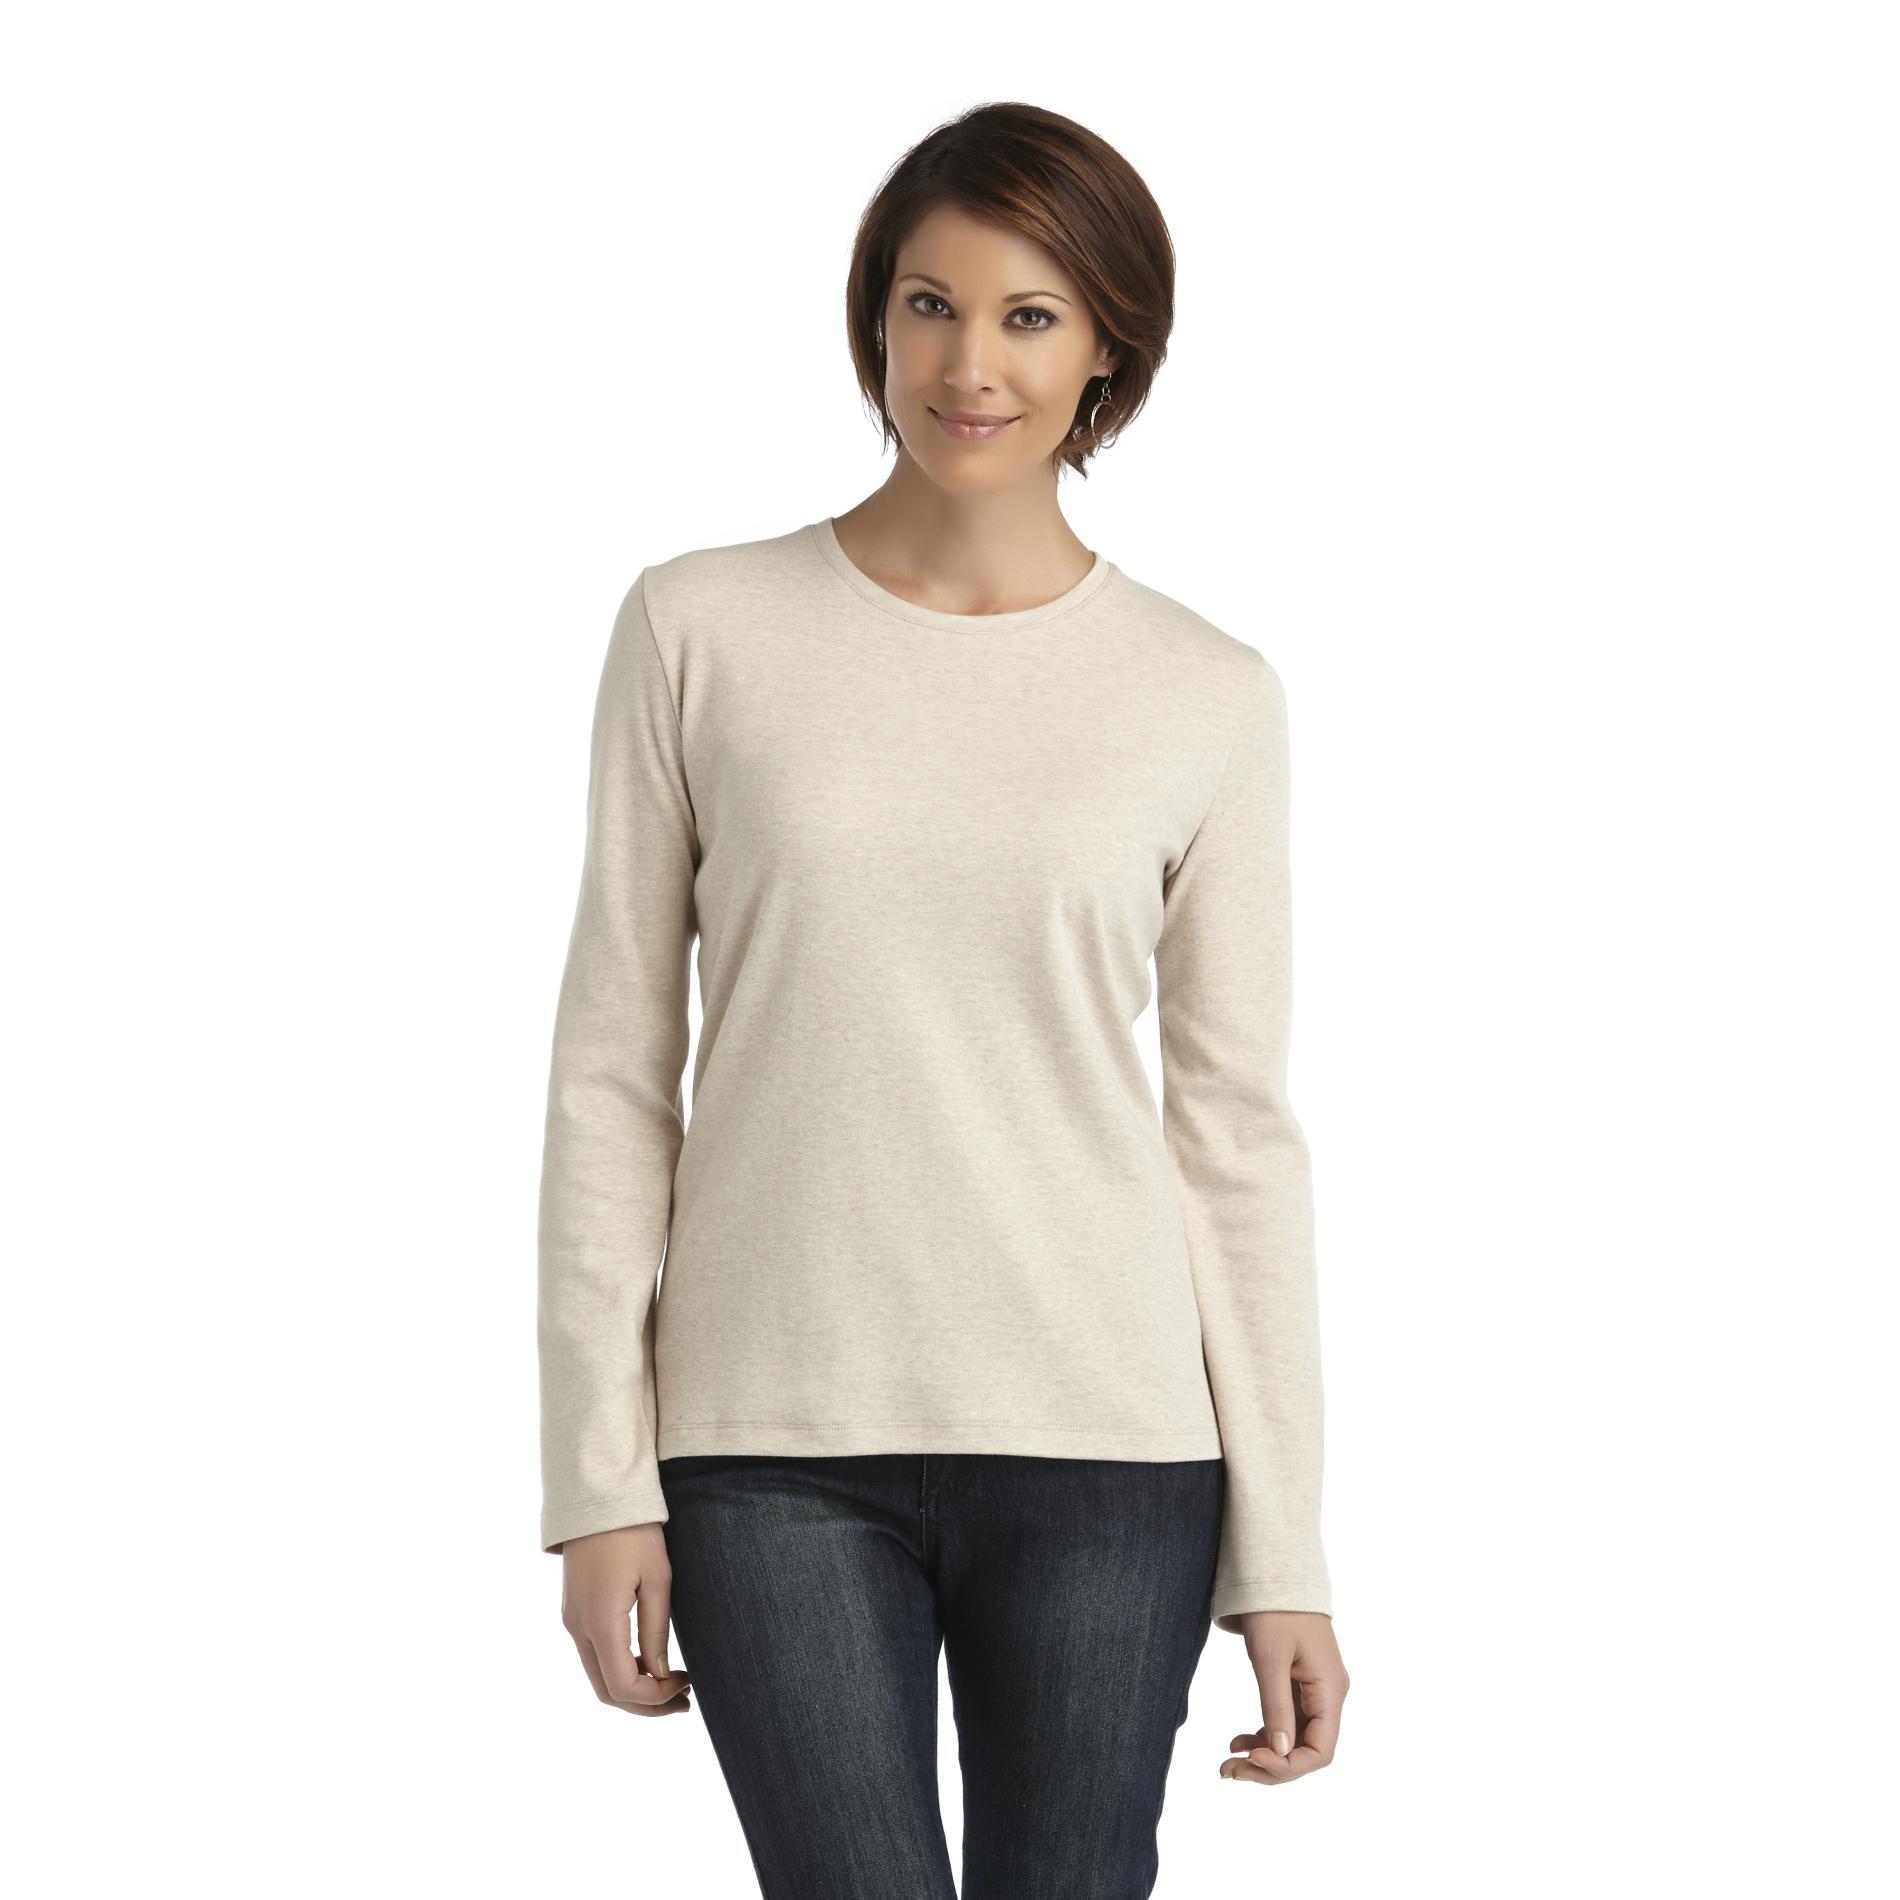 Laura Scott Women's Long-Sleeve T-Shirt